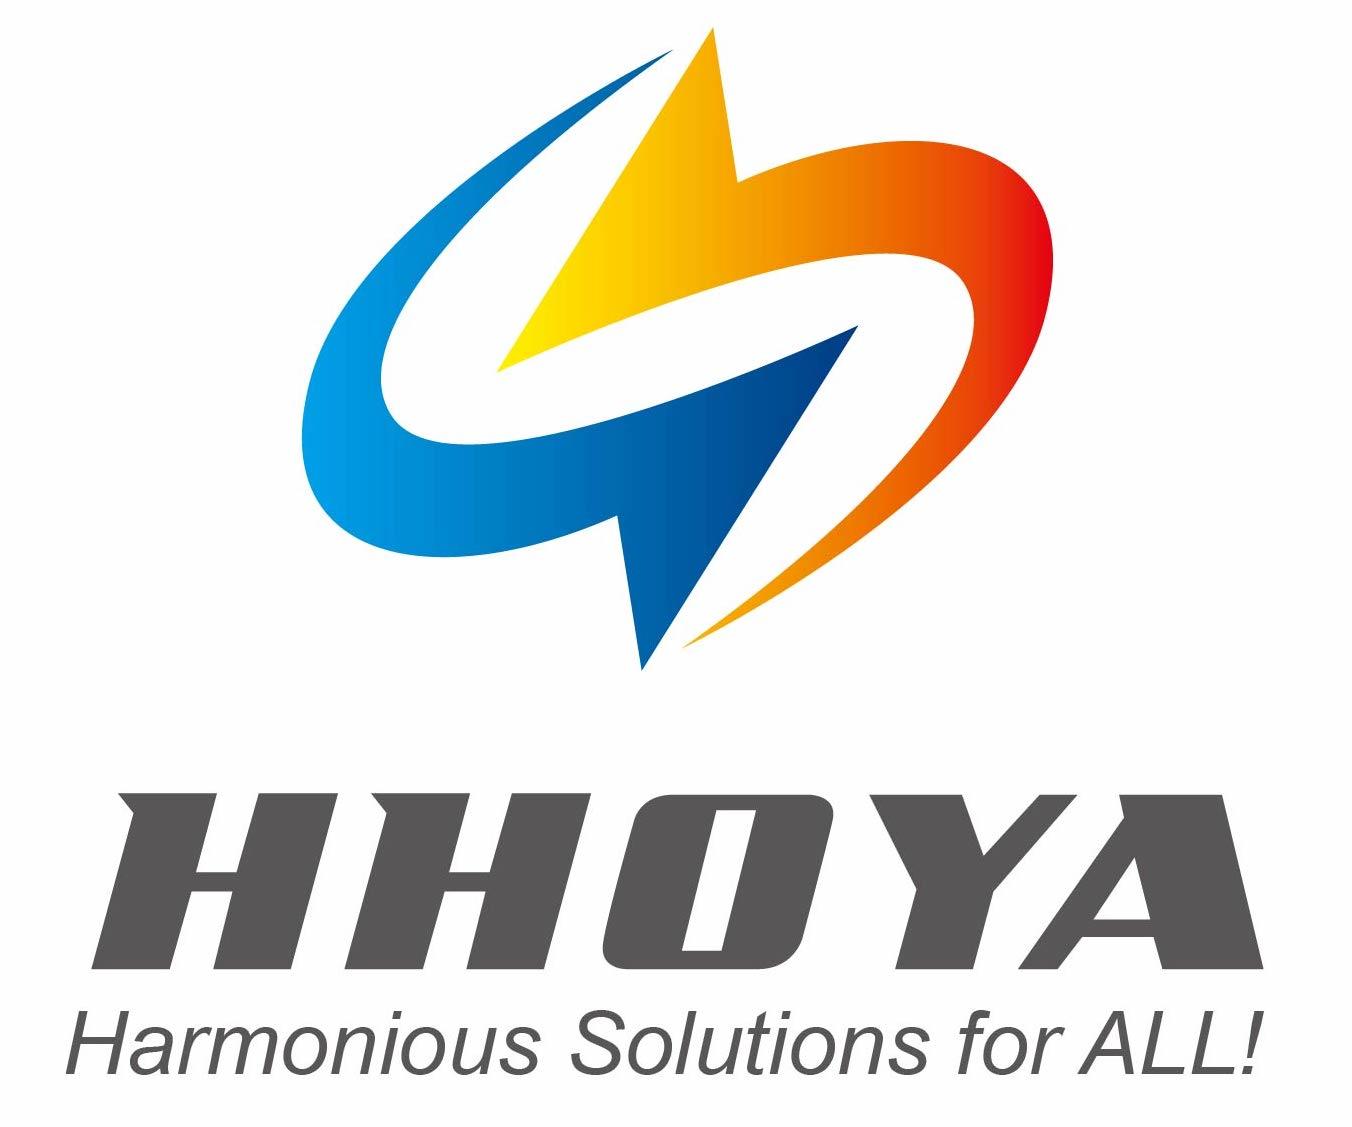 HHOYA